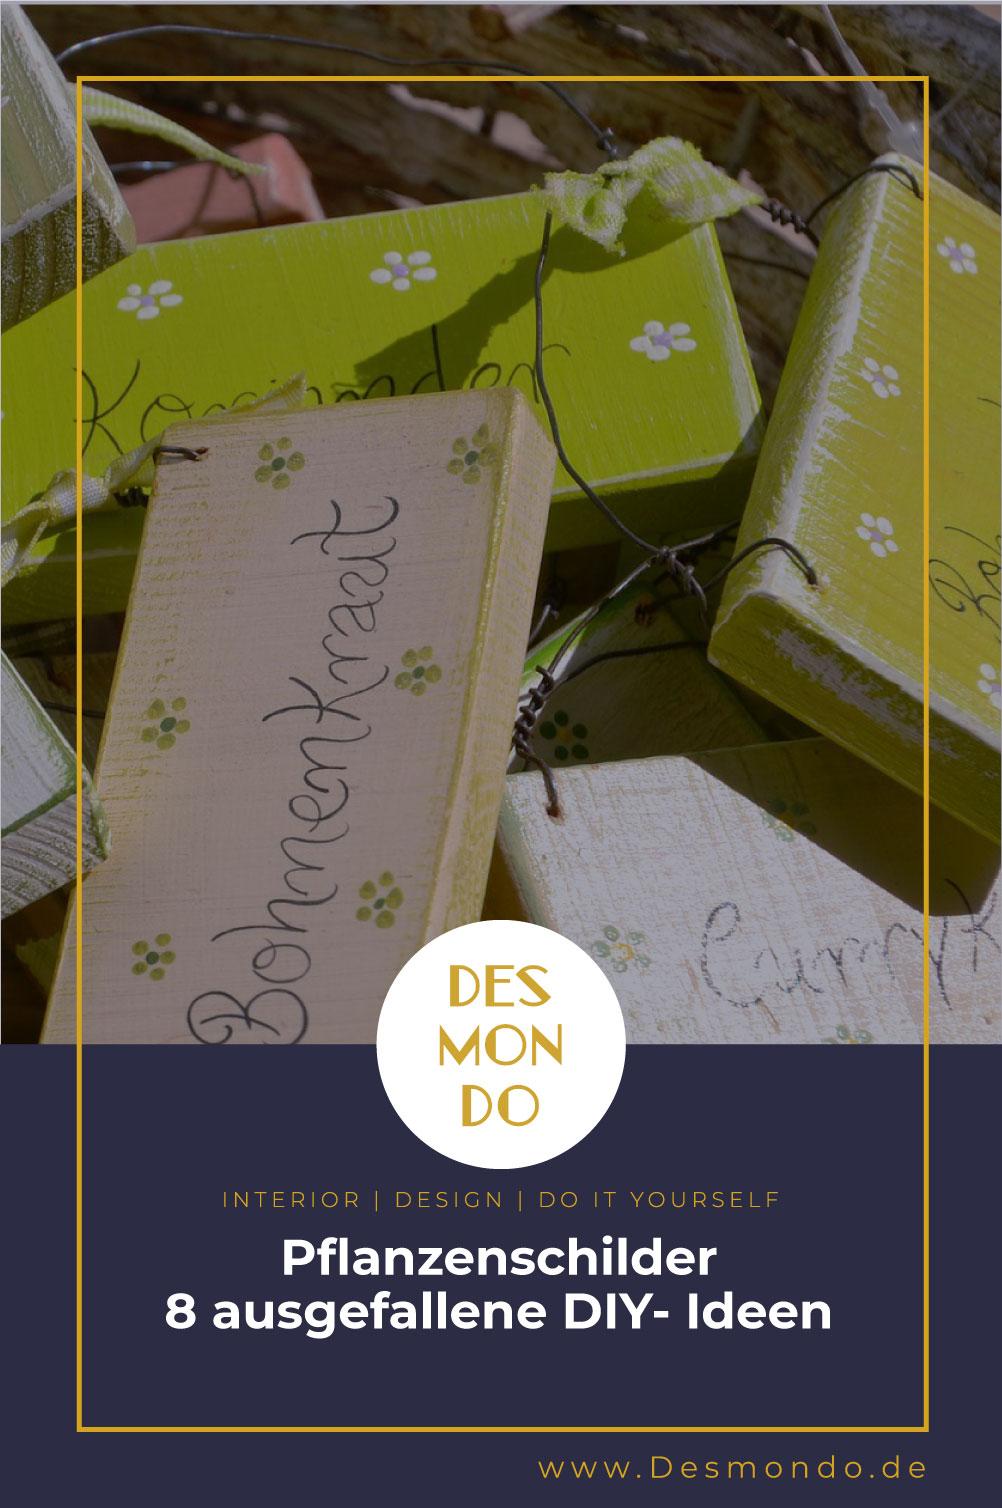 DIY - Do it Yourself Tipps und Tricks - Pflanzenschilder 8 ausgefallene DIY- Ideen- So geht's einfach desmondo dein online Magazin und Shop